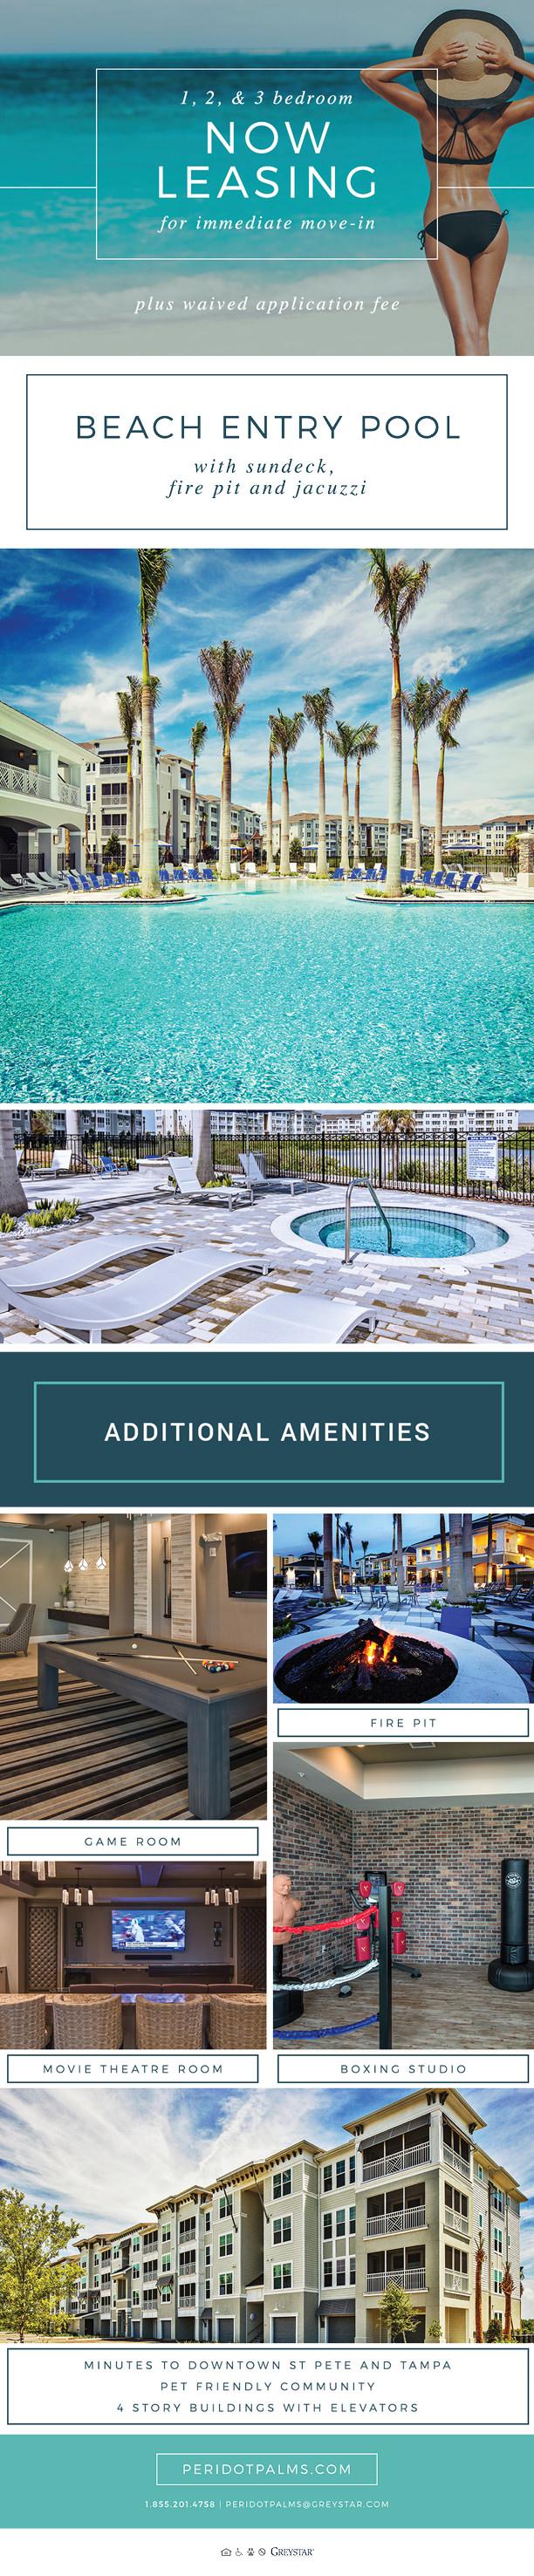 1016-gs-pp-amenities2-pool-merge_mini.jpg